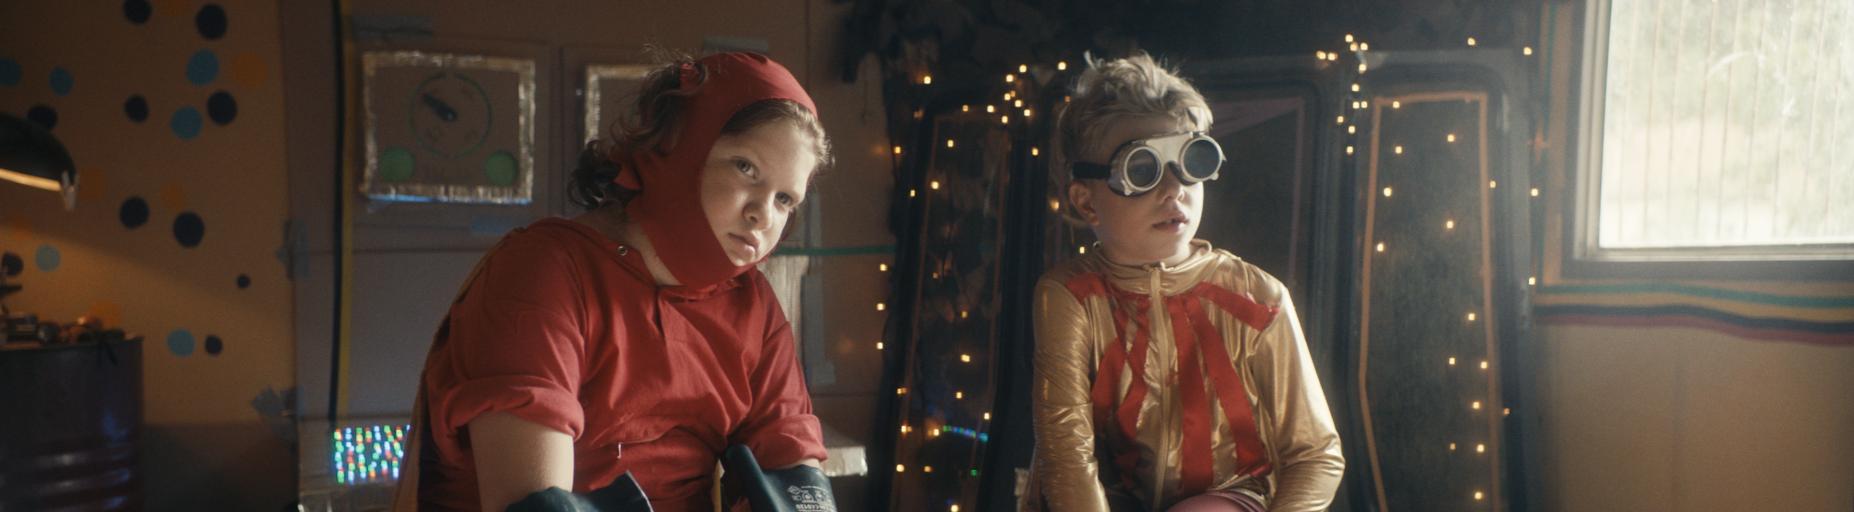 Orrfújás covid idején: ezek a magyar filmek versenyeznek az idei Friss Húson